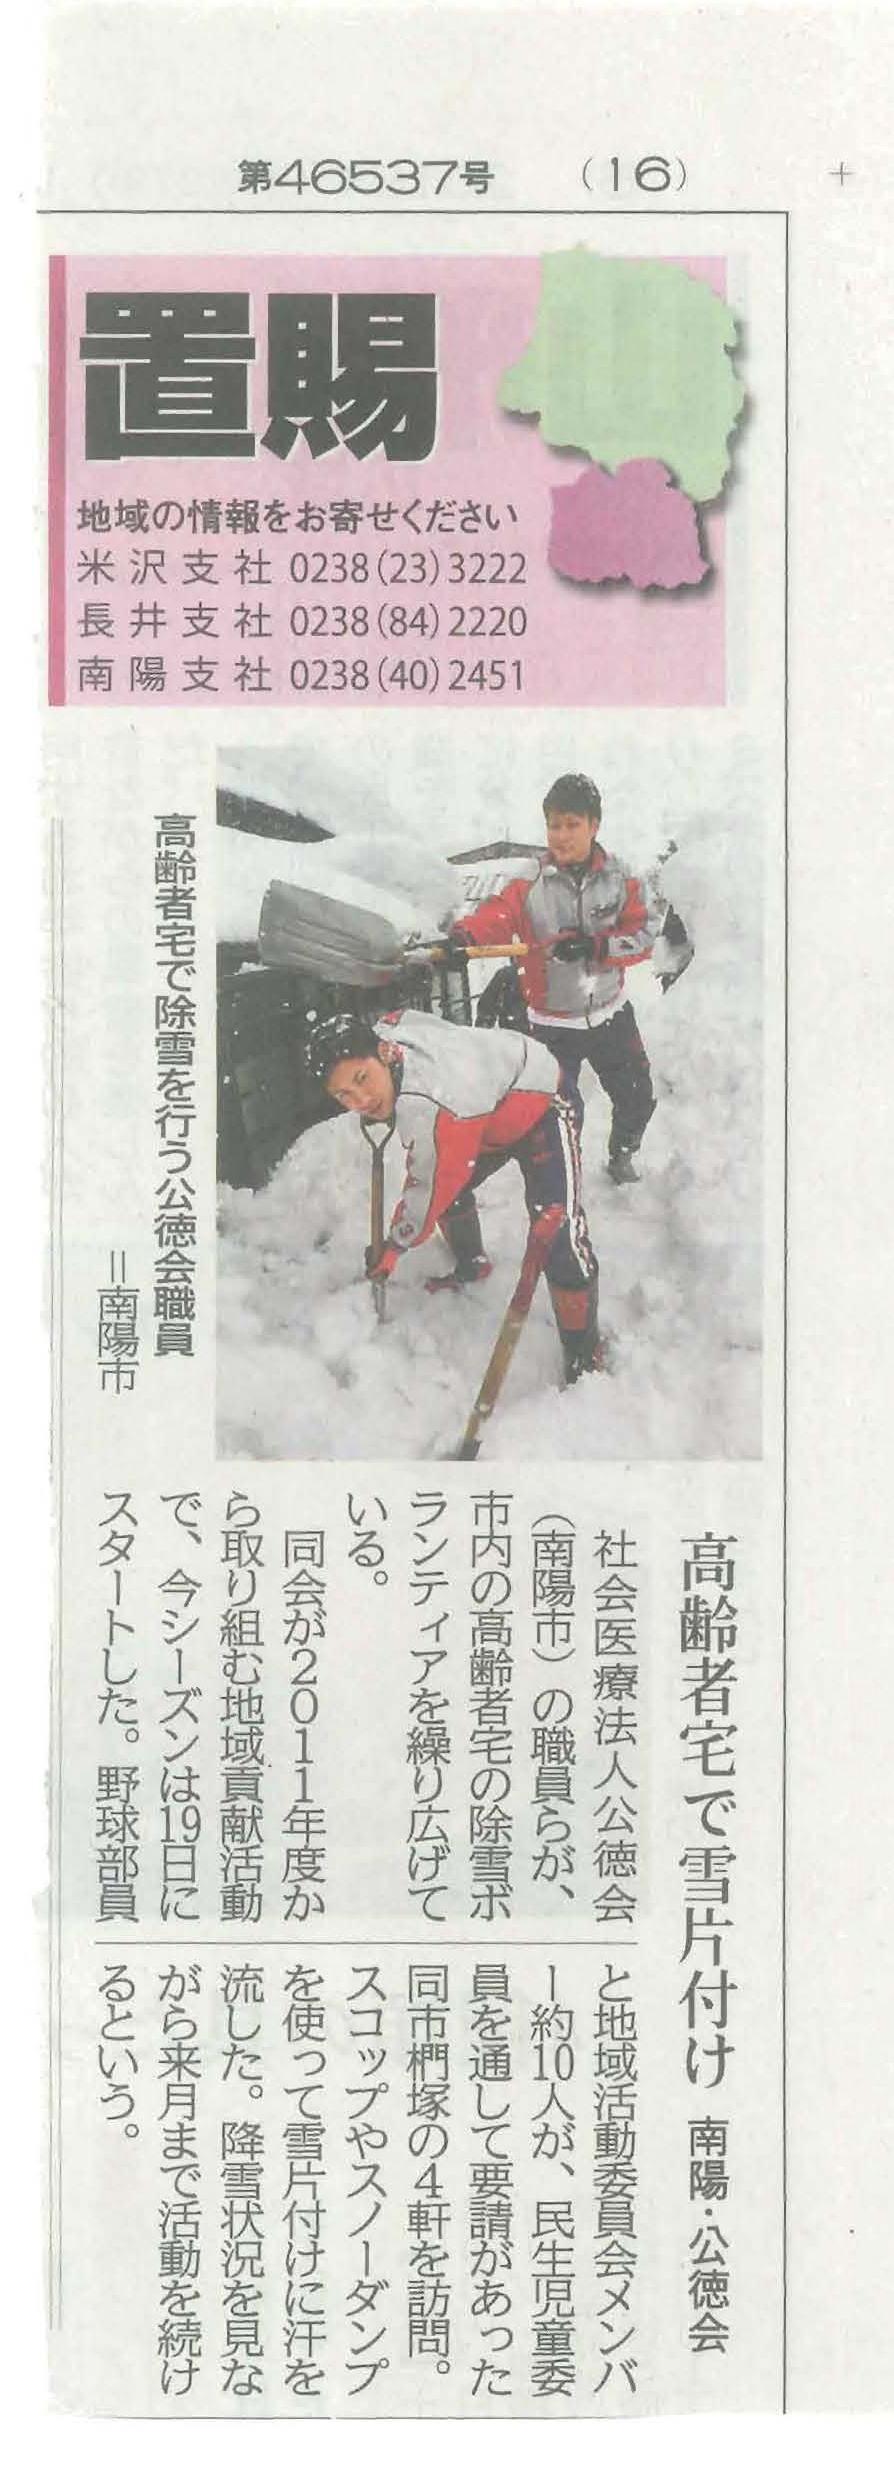 H27 除雪ボランティア(山新)